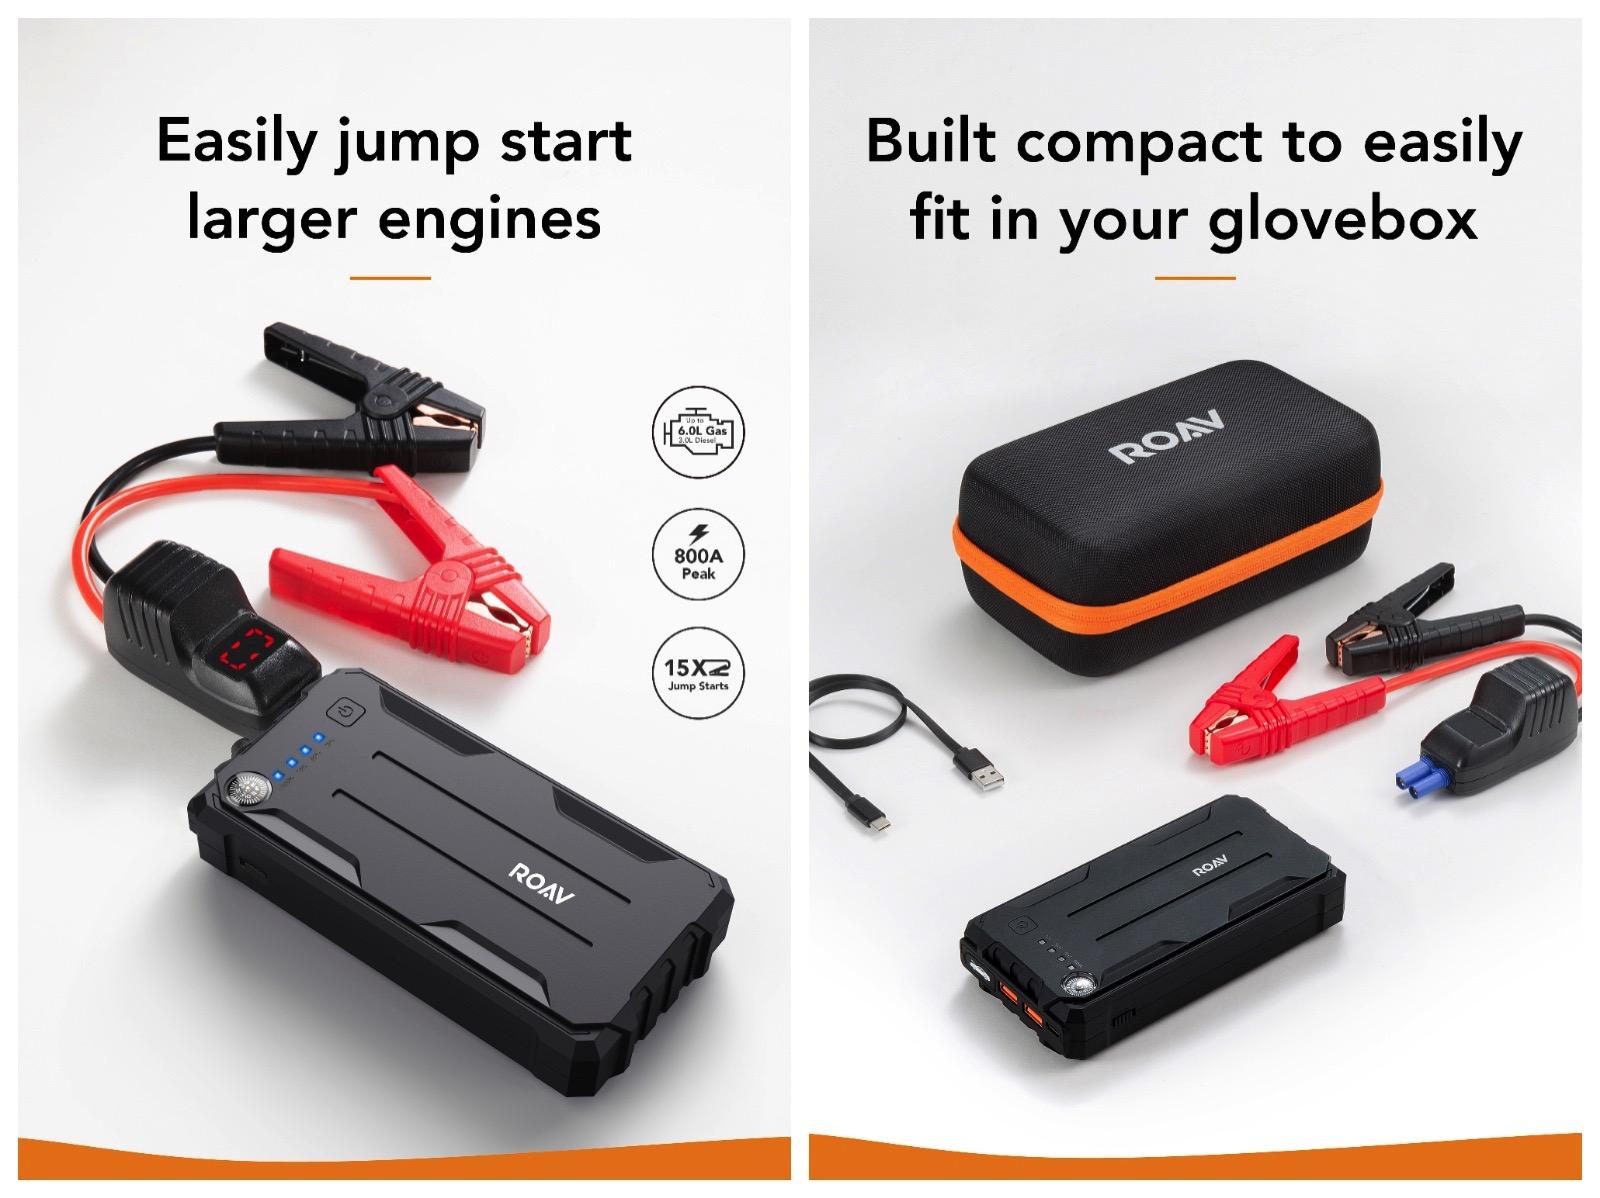 Anker-Roav-Jumpstarter-Pro-2.jpg